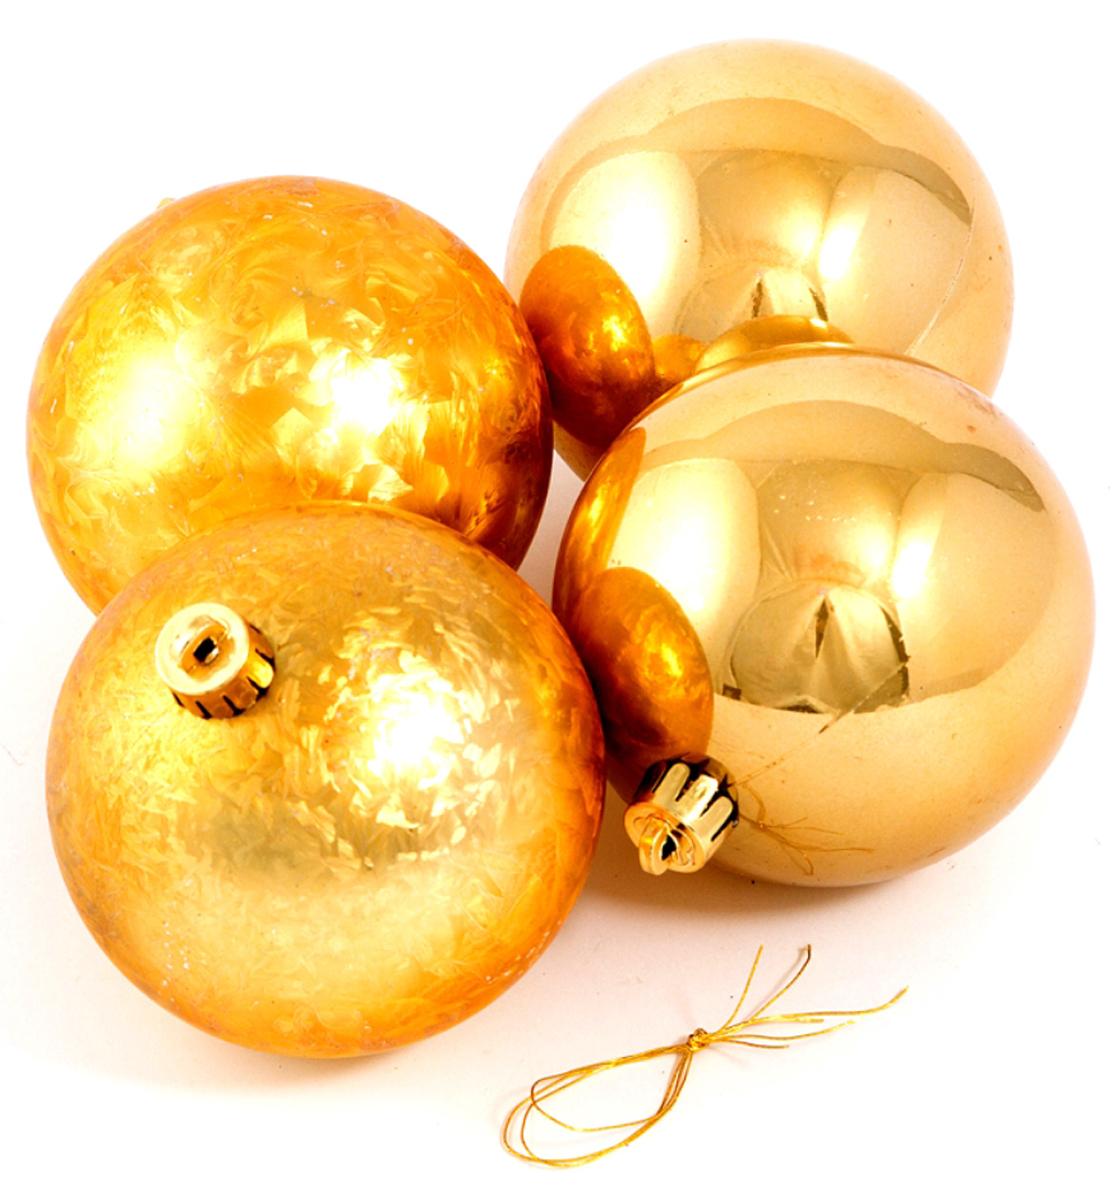 Набор ёлочных игрушек Шары из 4 шт, 80 мм золото . 71056 набор ёлочных игрушек русские подарки шары цвет серебристый 8 см 4 шт